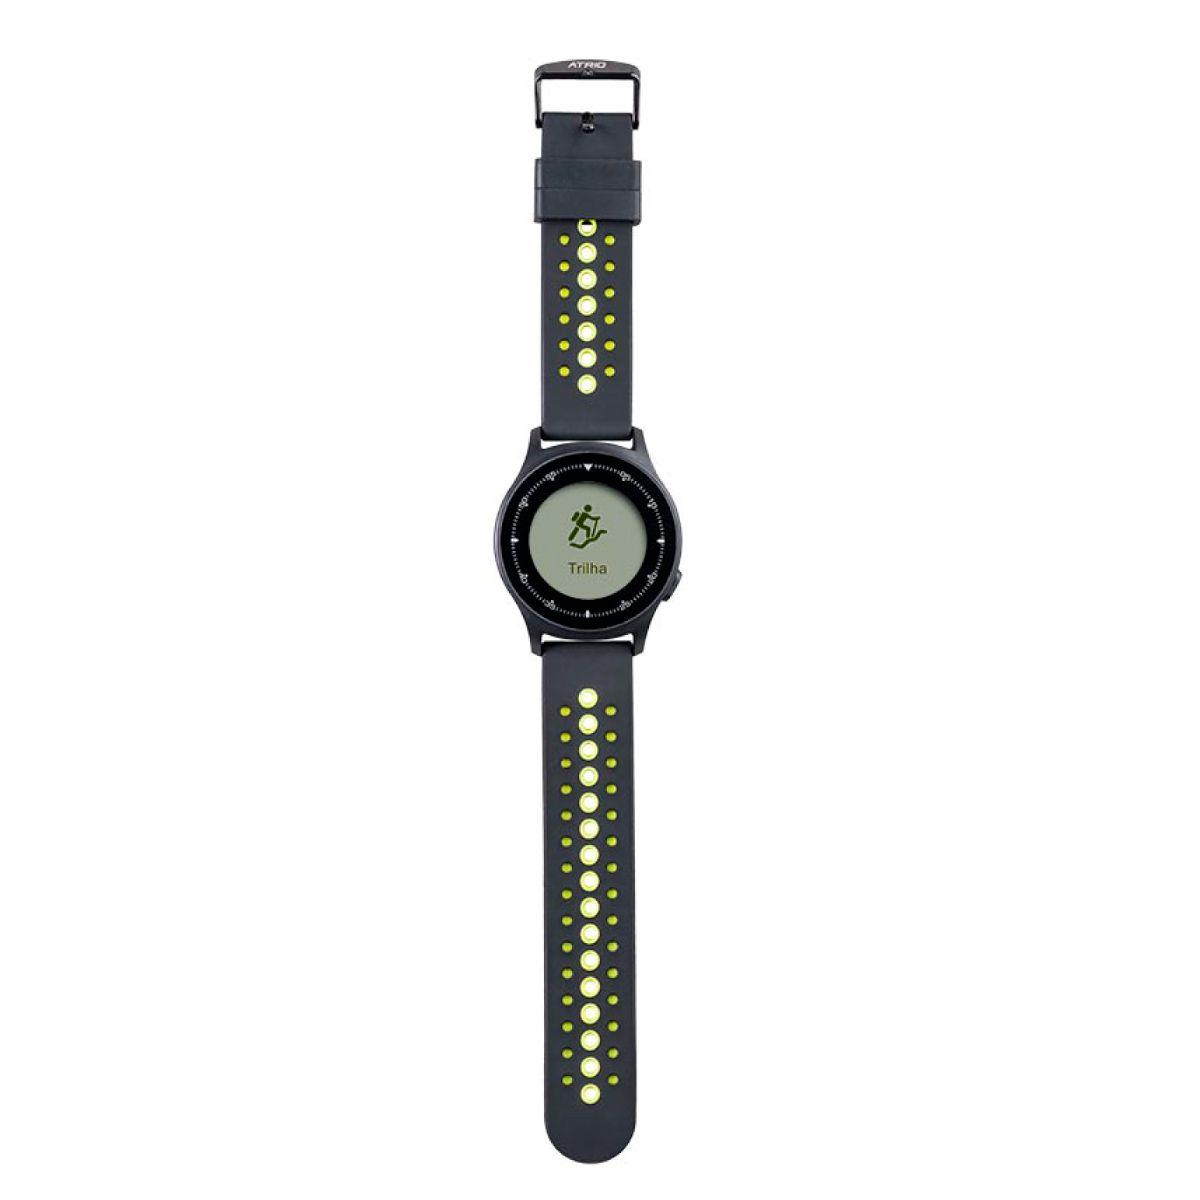 Smartwatch  Atrio Sportwatch Chronus Always On TouchScreen A Prova D'Água